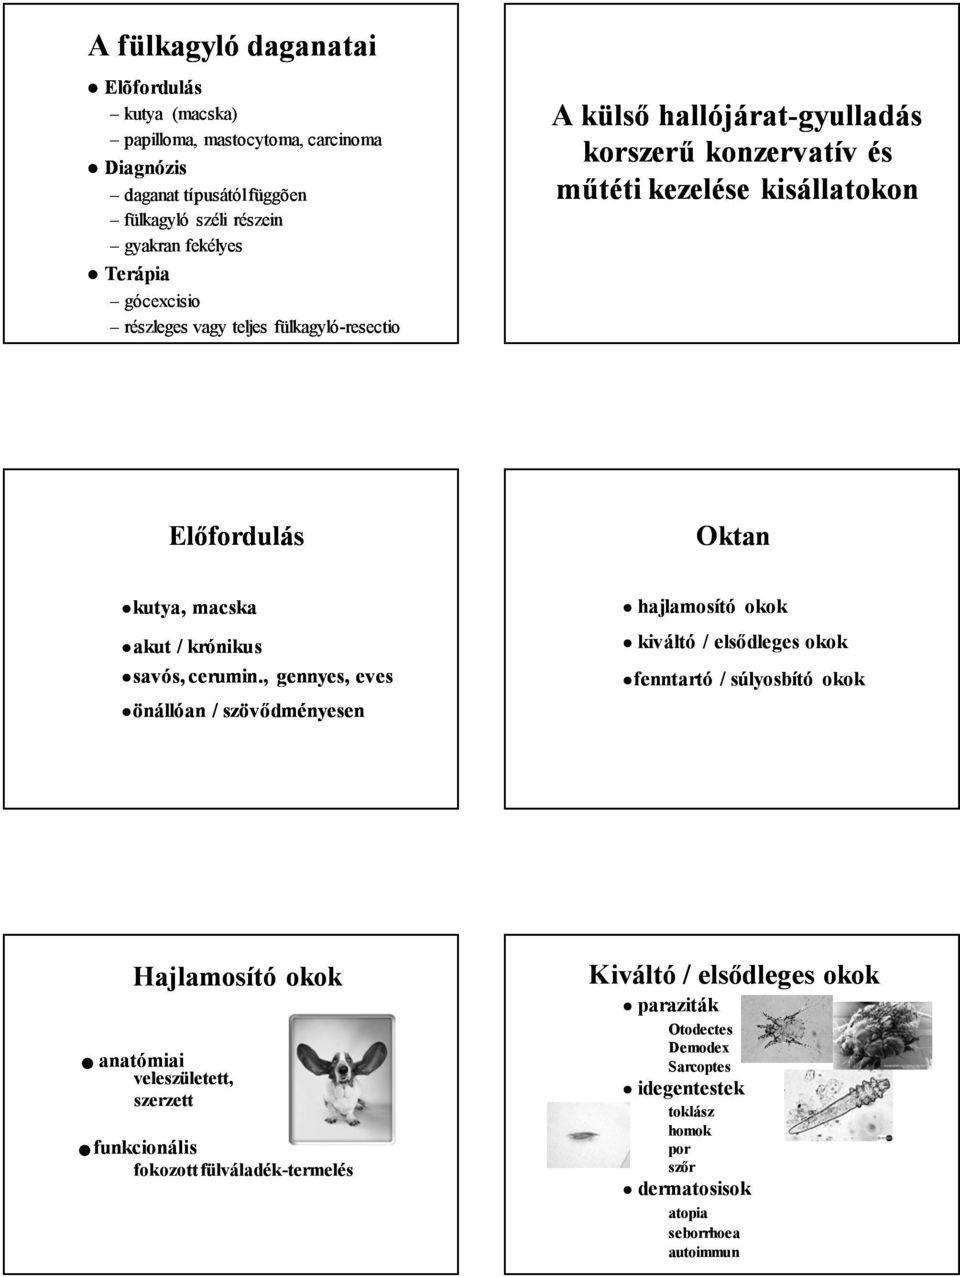 papilloma paraziták kezelése